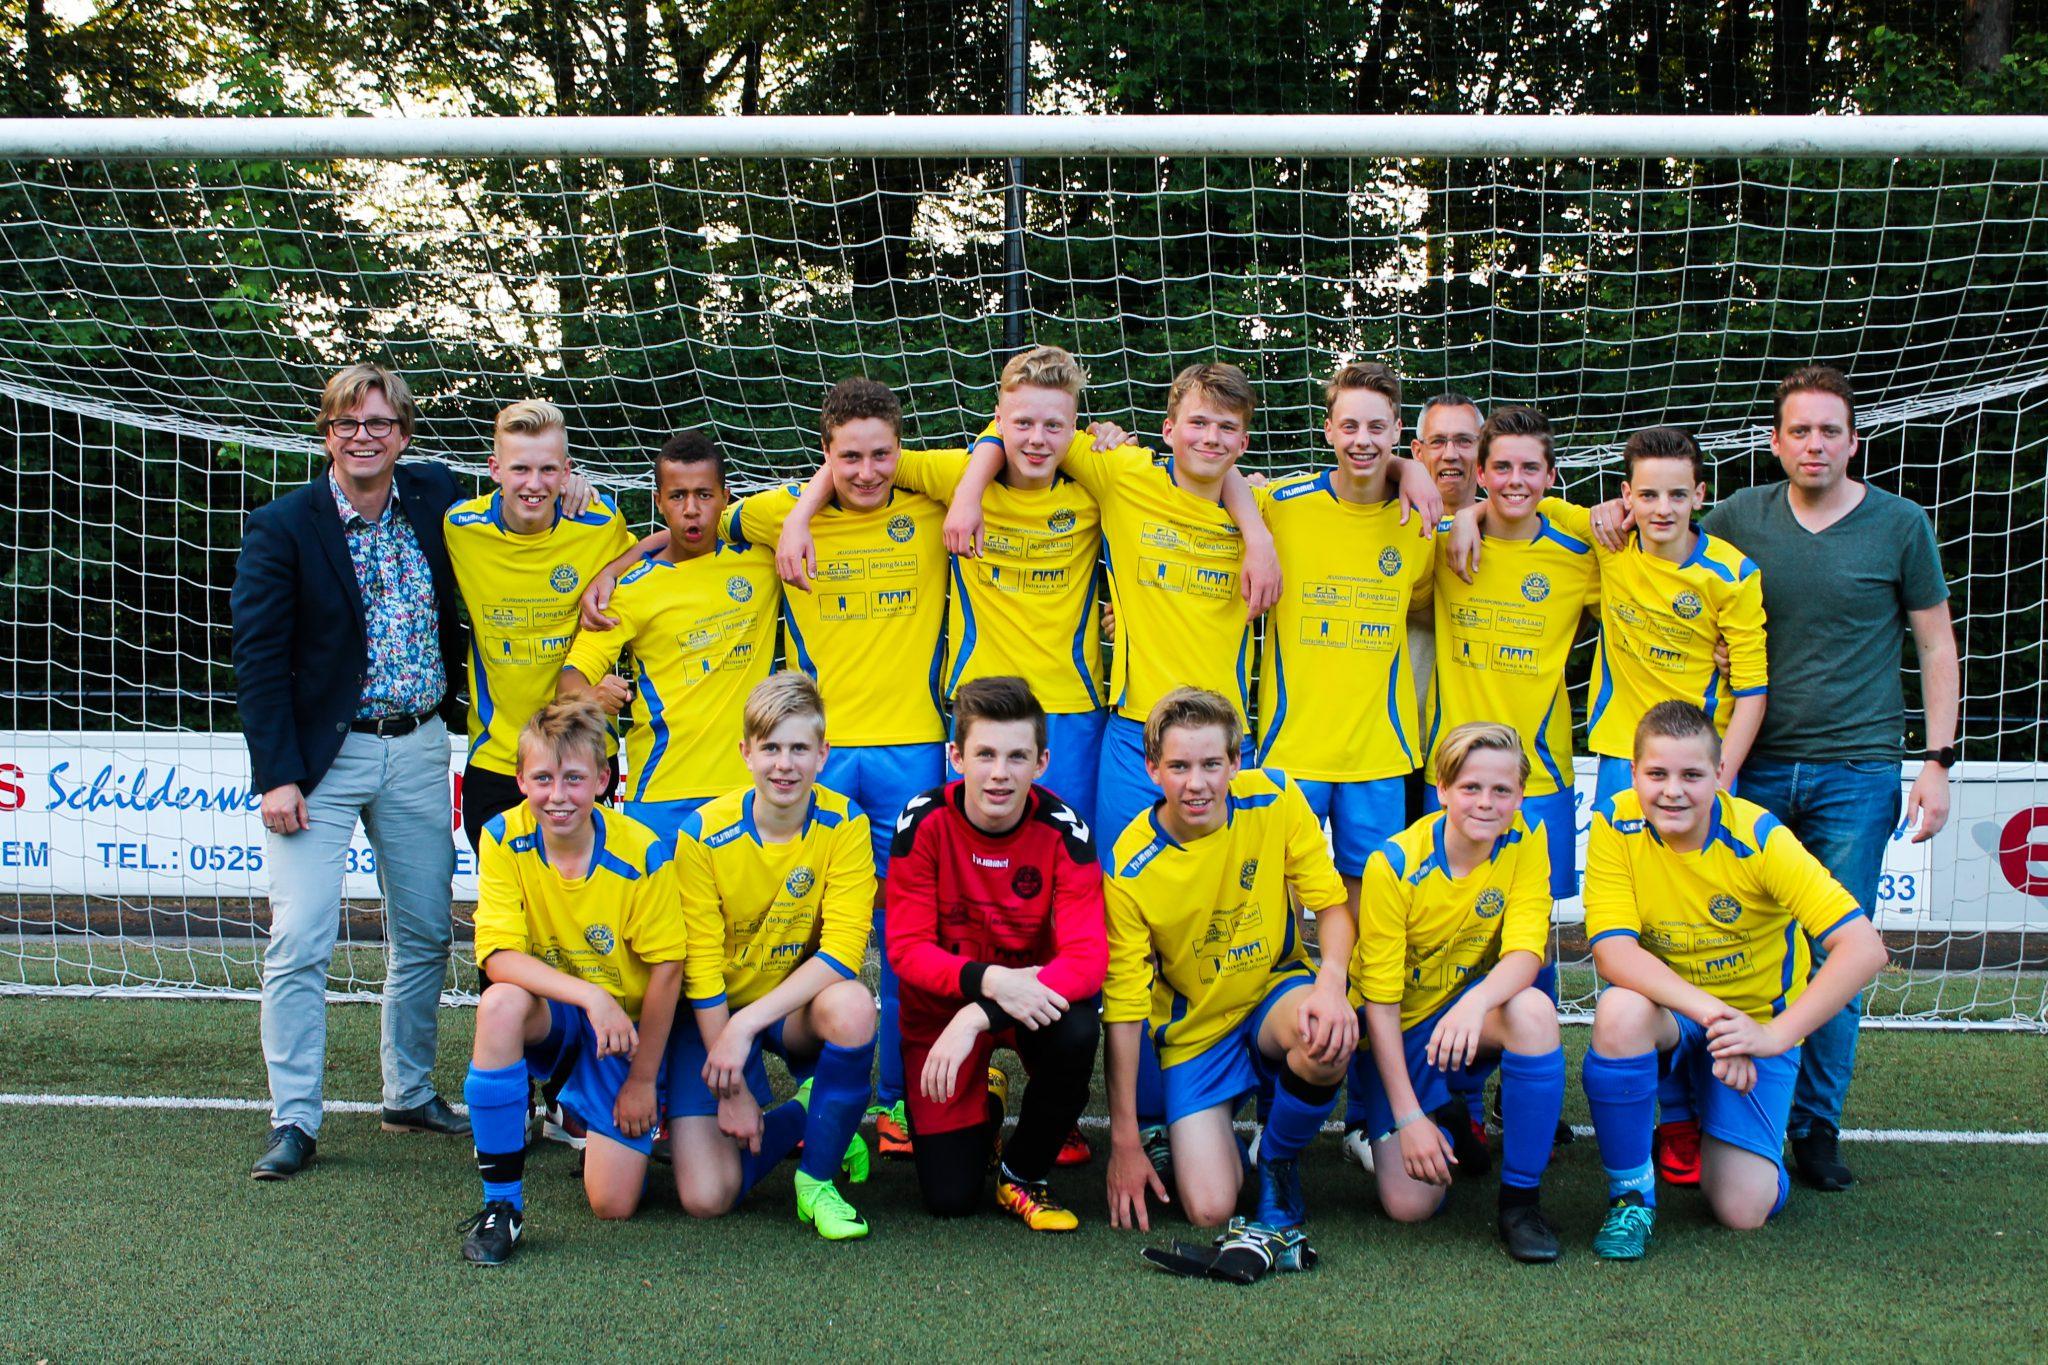 Bijzonder goed voetbaljaar 2017 - 2018 voor JO15 - 3 Hatto Heim!